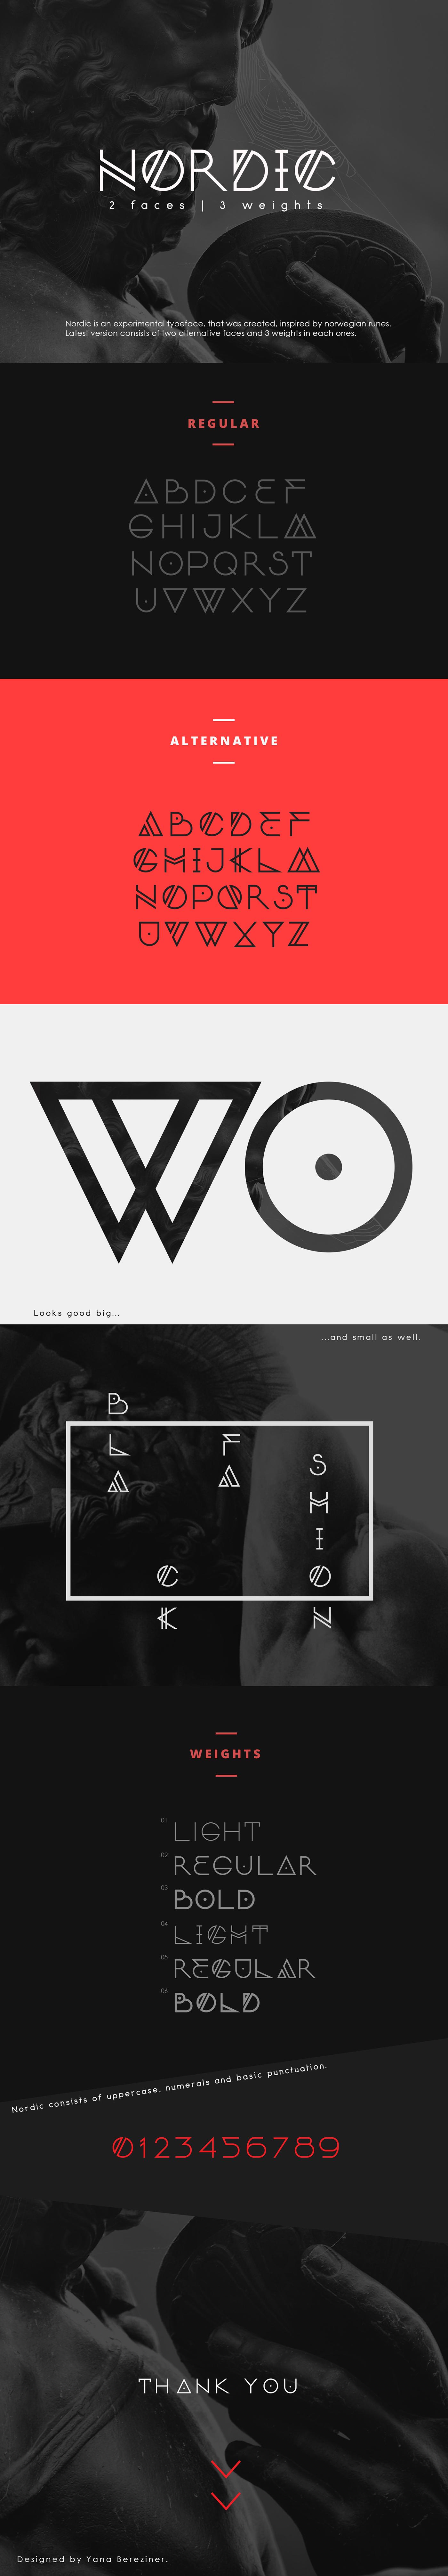 font Typeface free norwei wolf Scandinavian font family runes logo monogram Unique